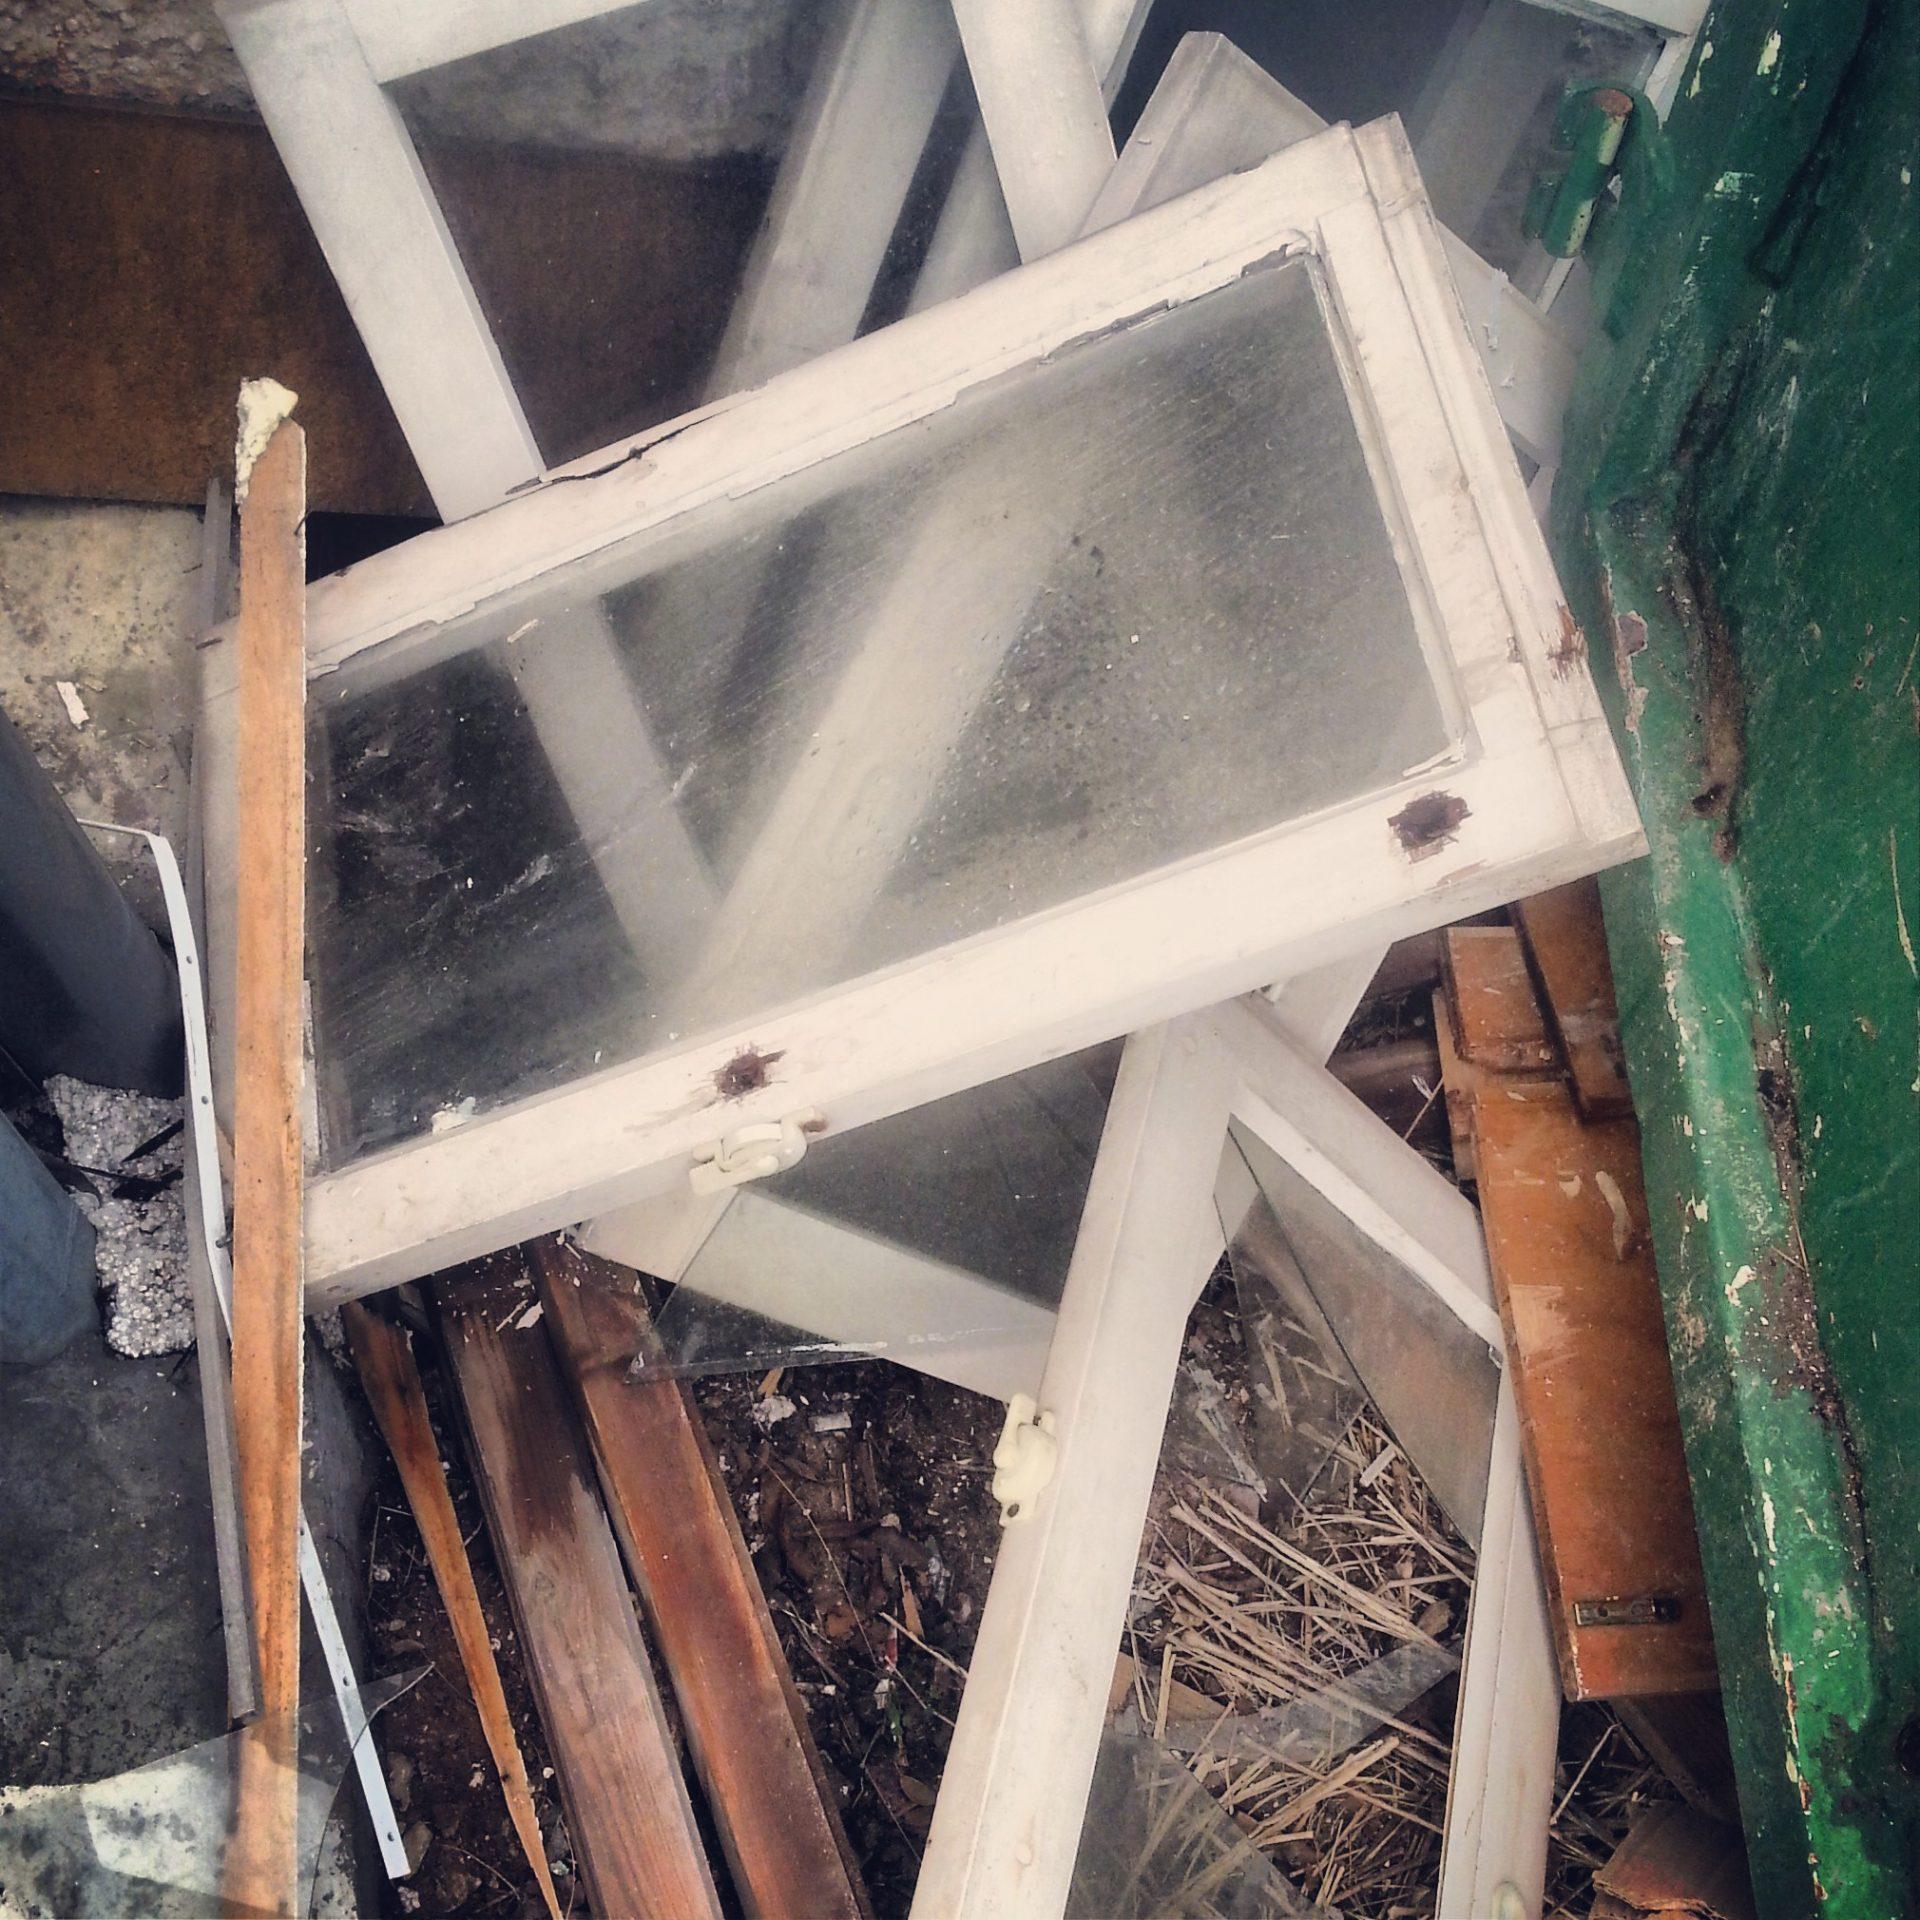 כך מצאתי את החלונות זרוקים ליד הצפרדע באזור התעשייה